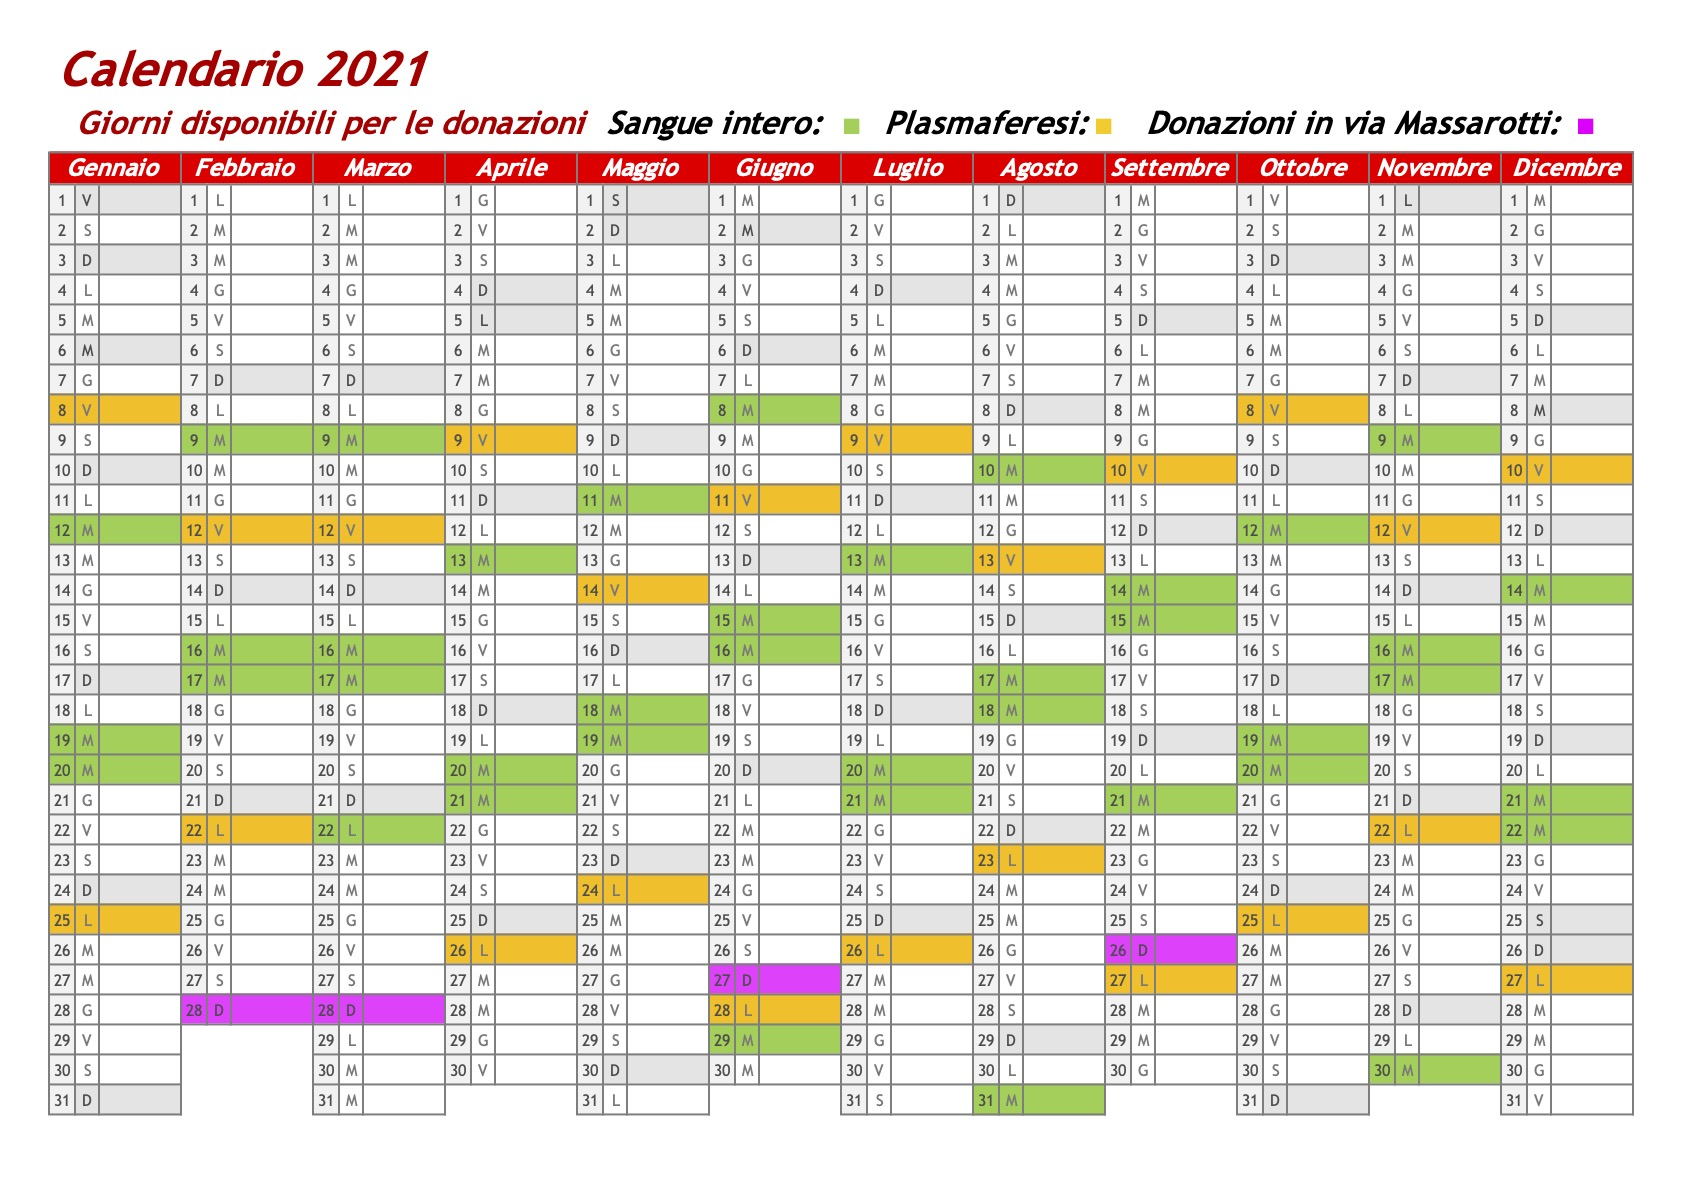 Calendario donazioni 2021